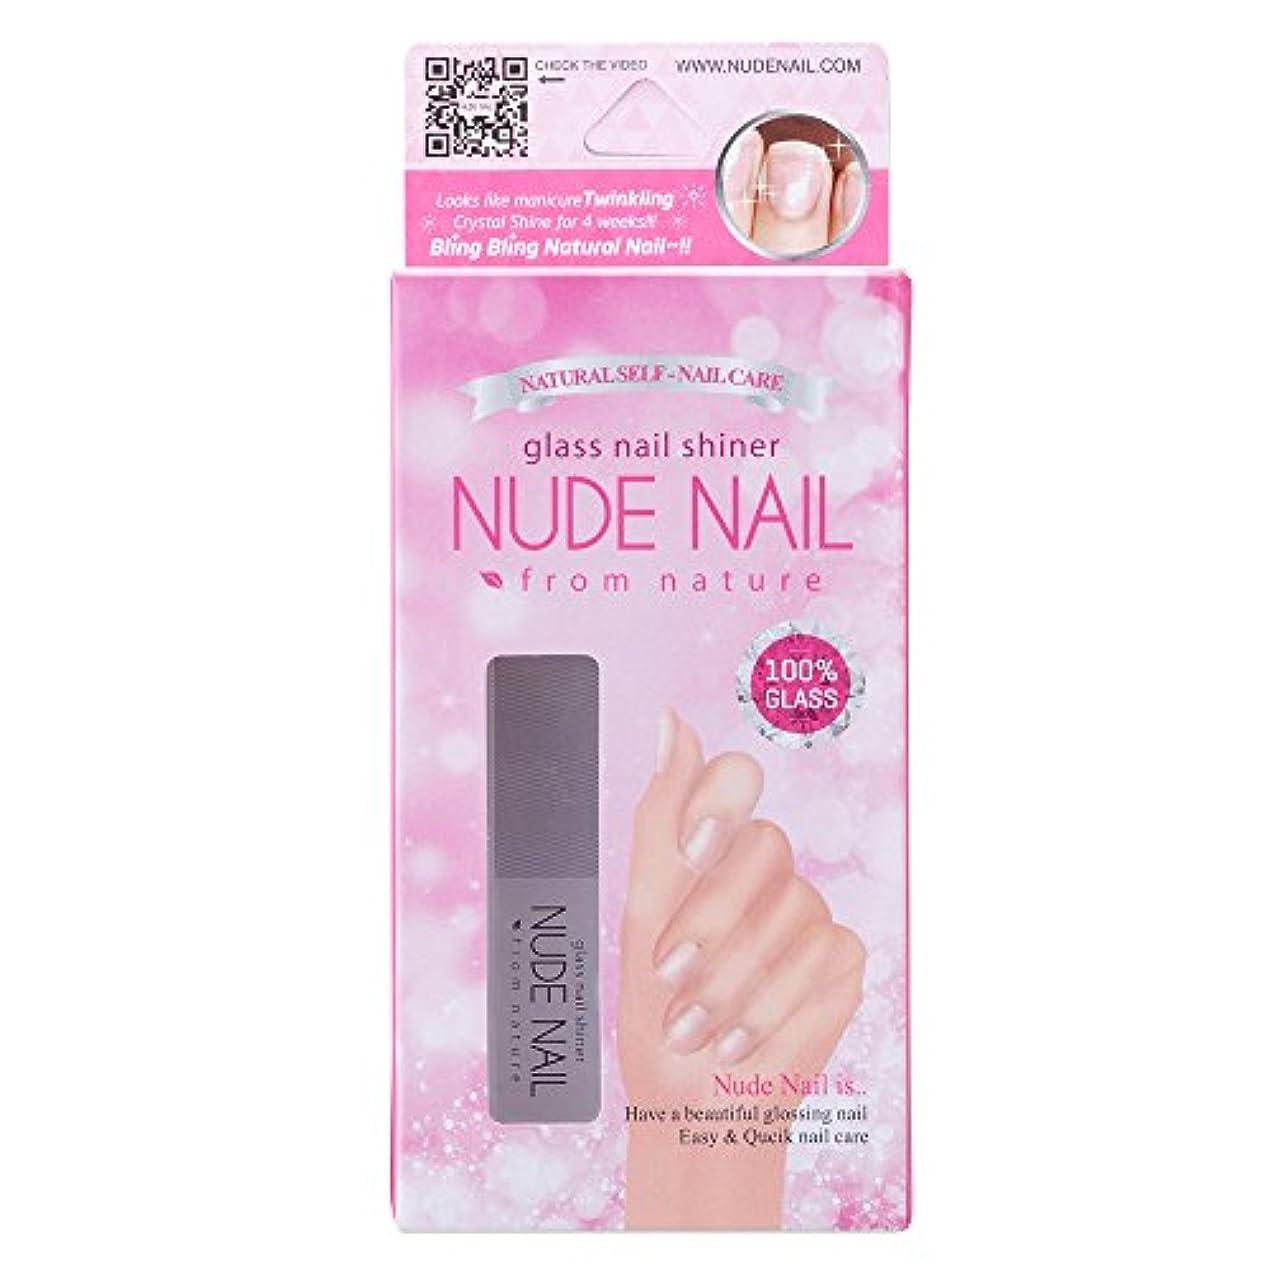 対称出費知覚的ヌードネイル グラス ネイル シャイナー ガラス製爪ヤスリ NUDE NAIL glass nail shiner